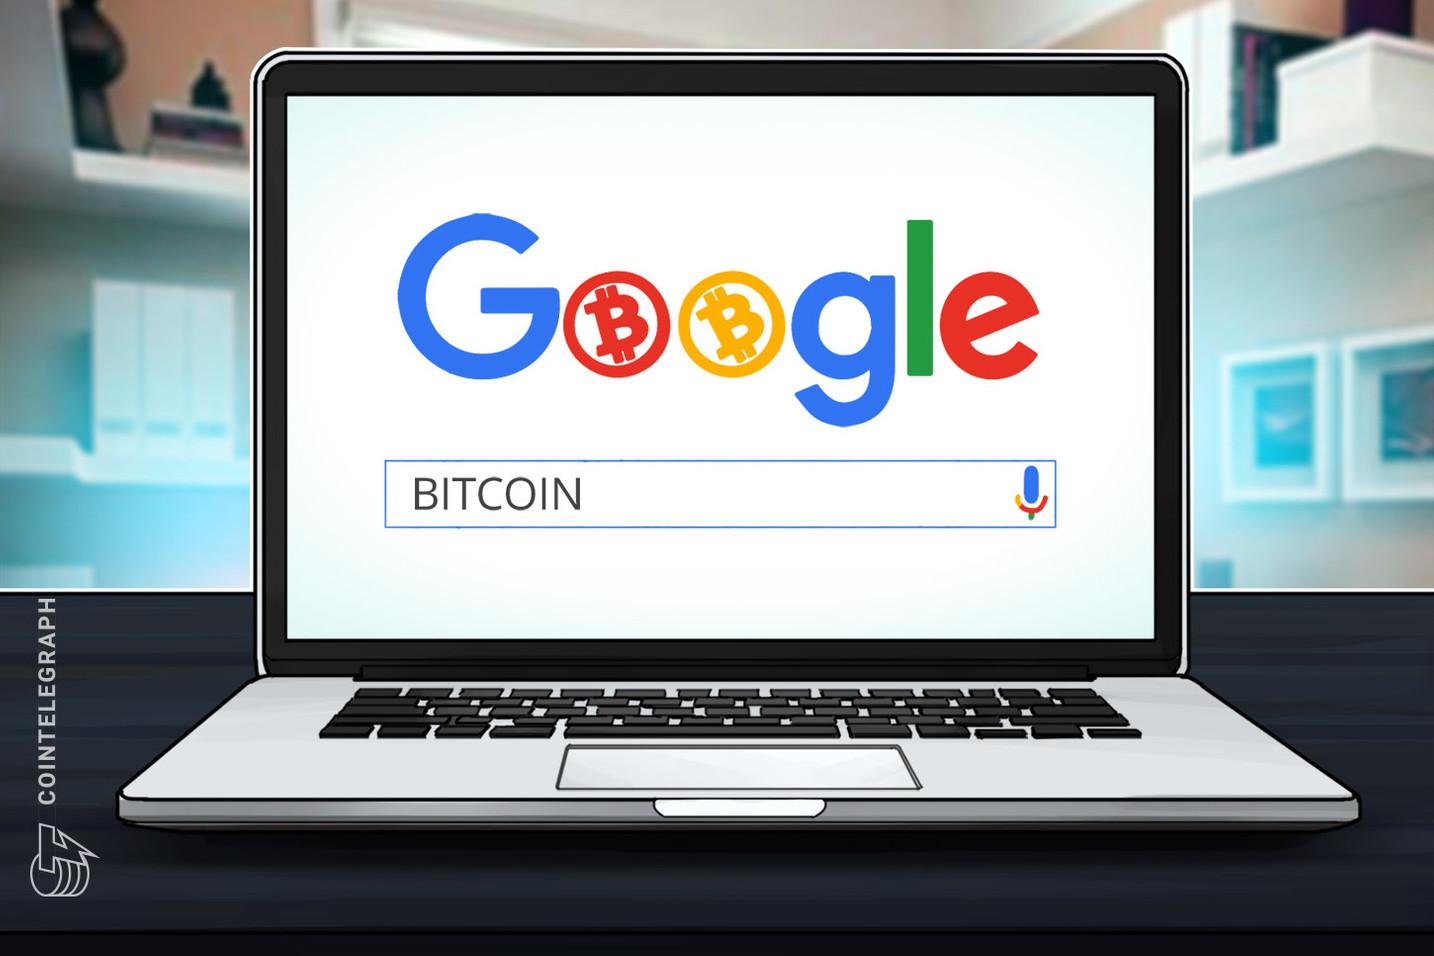 Le ricerche su Google per Bitcoin sono in aumento a Cuba